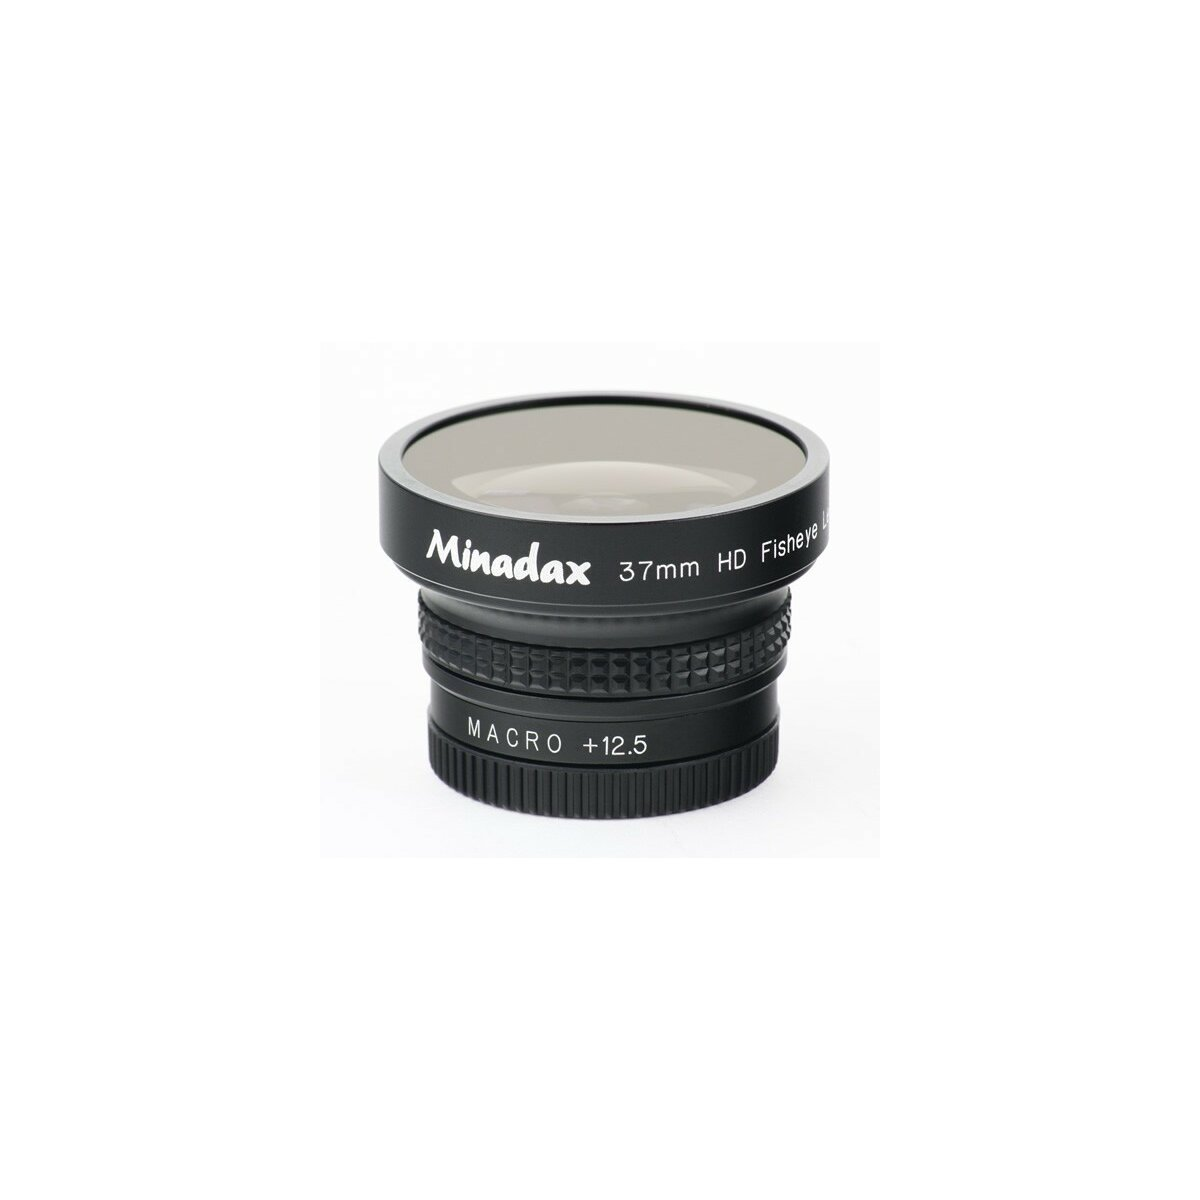 Minadax 0.42x Fisheye Vorsatz kompatibel mit Canon MV800, MV830, MV830i, MV850i, MV880X, MV6iMC